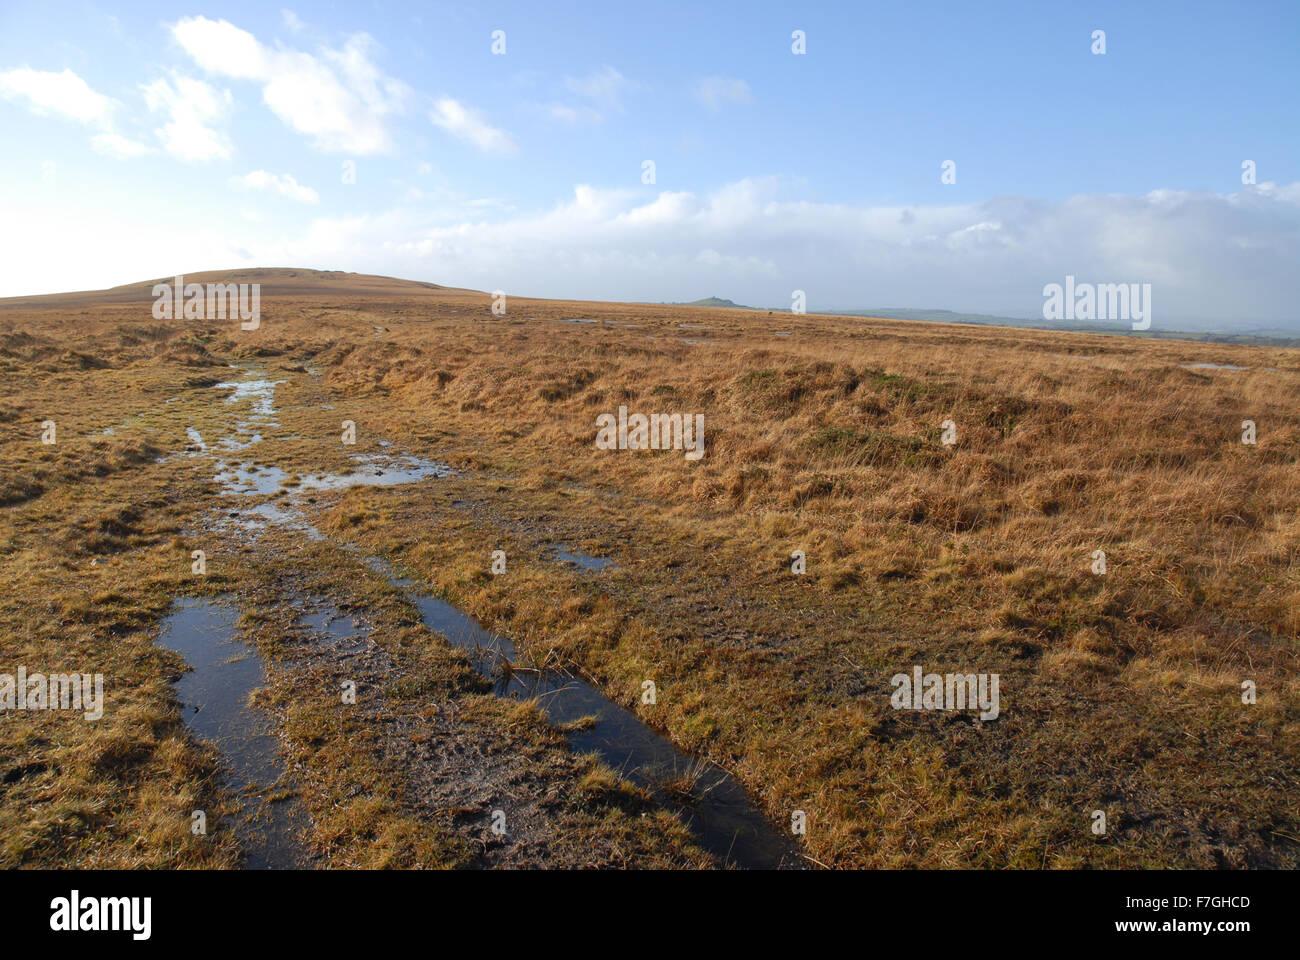 The moors in winter, Dartmoor National Park, Devon, England - Stock Image